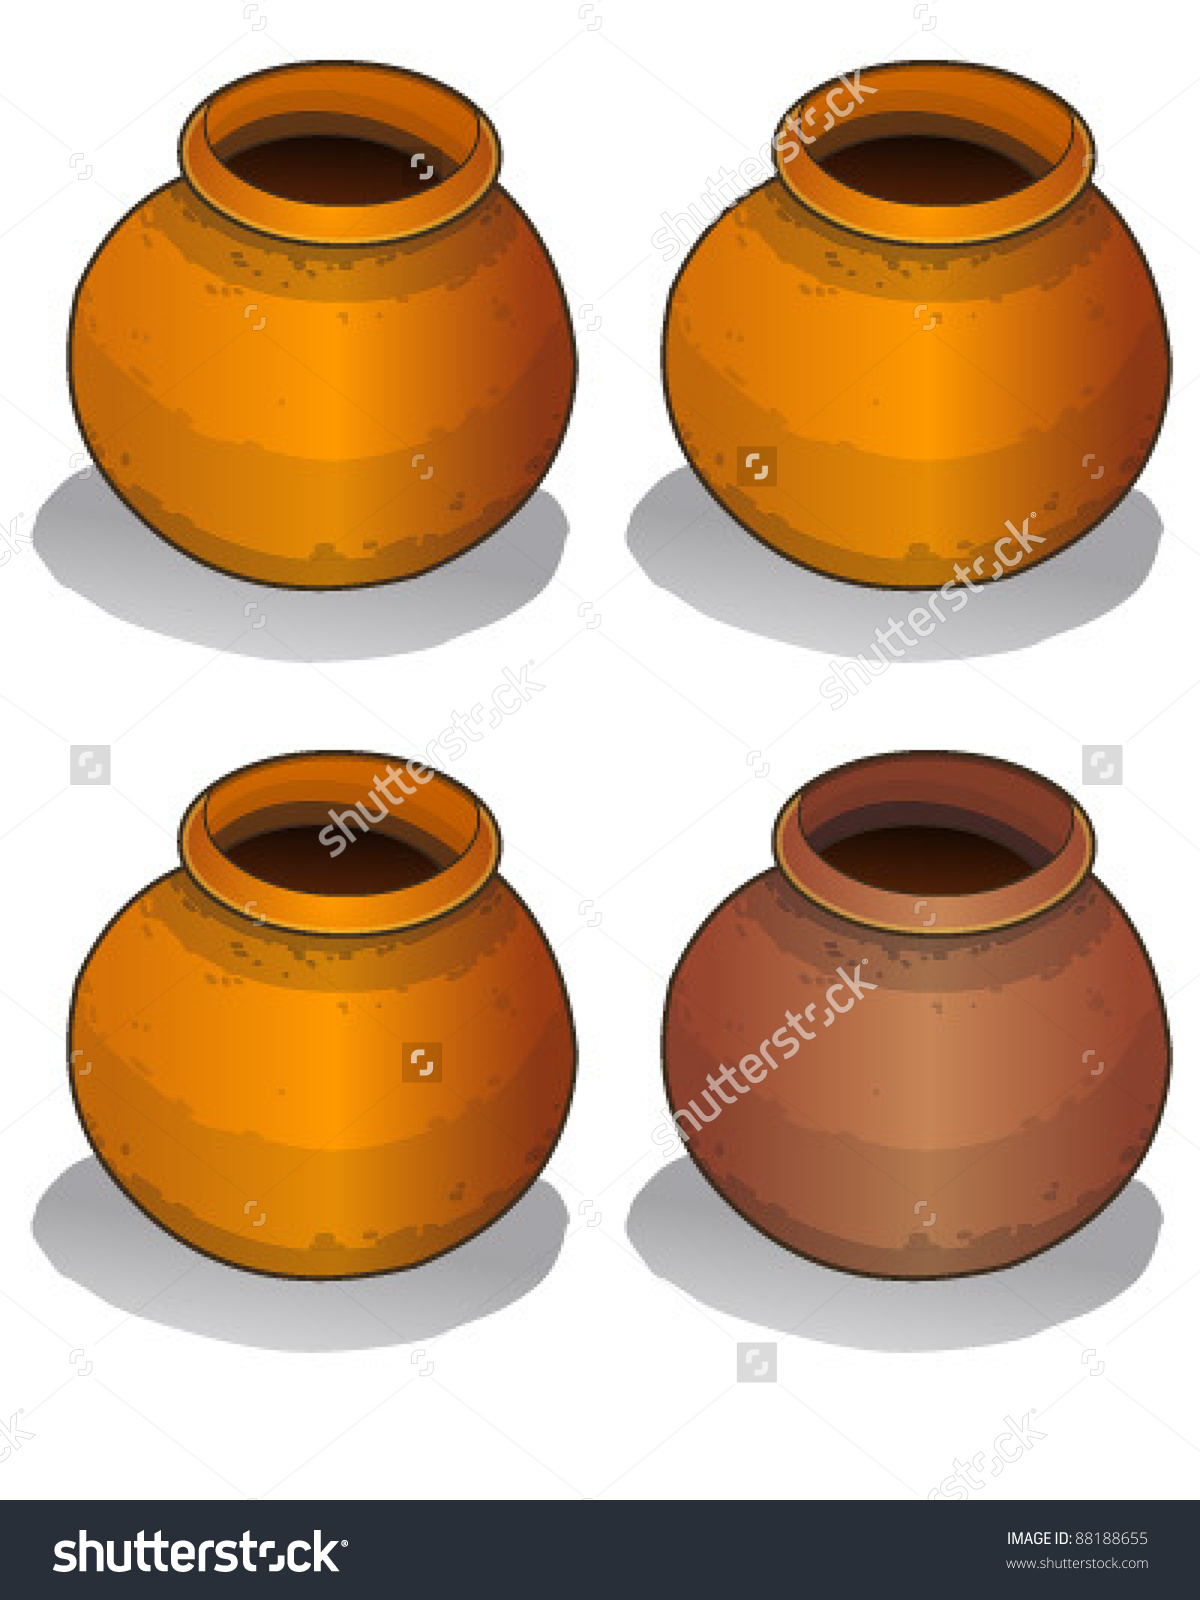 Clay pots clipart #14